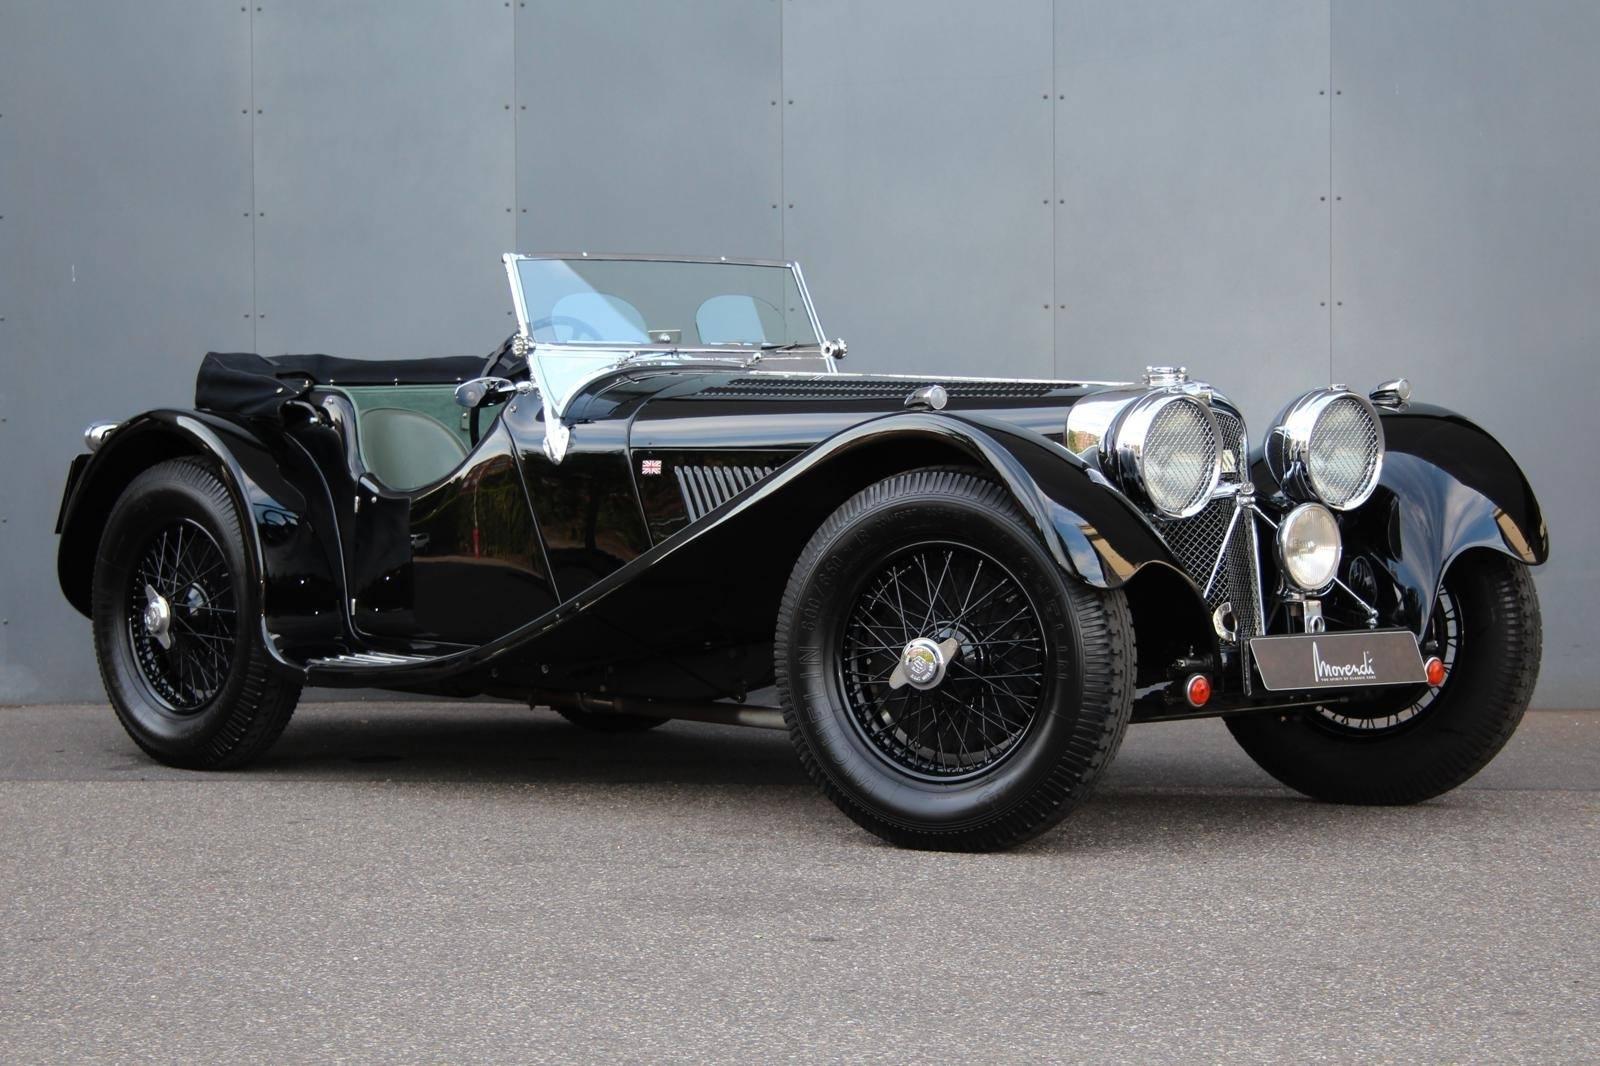 1936-Jaguar-SS-100-2-1-5-Litre-1